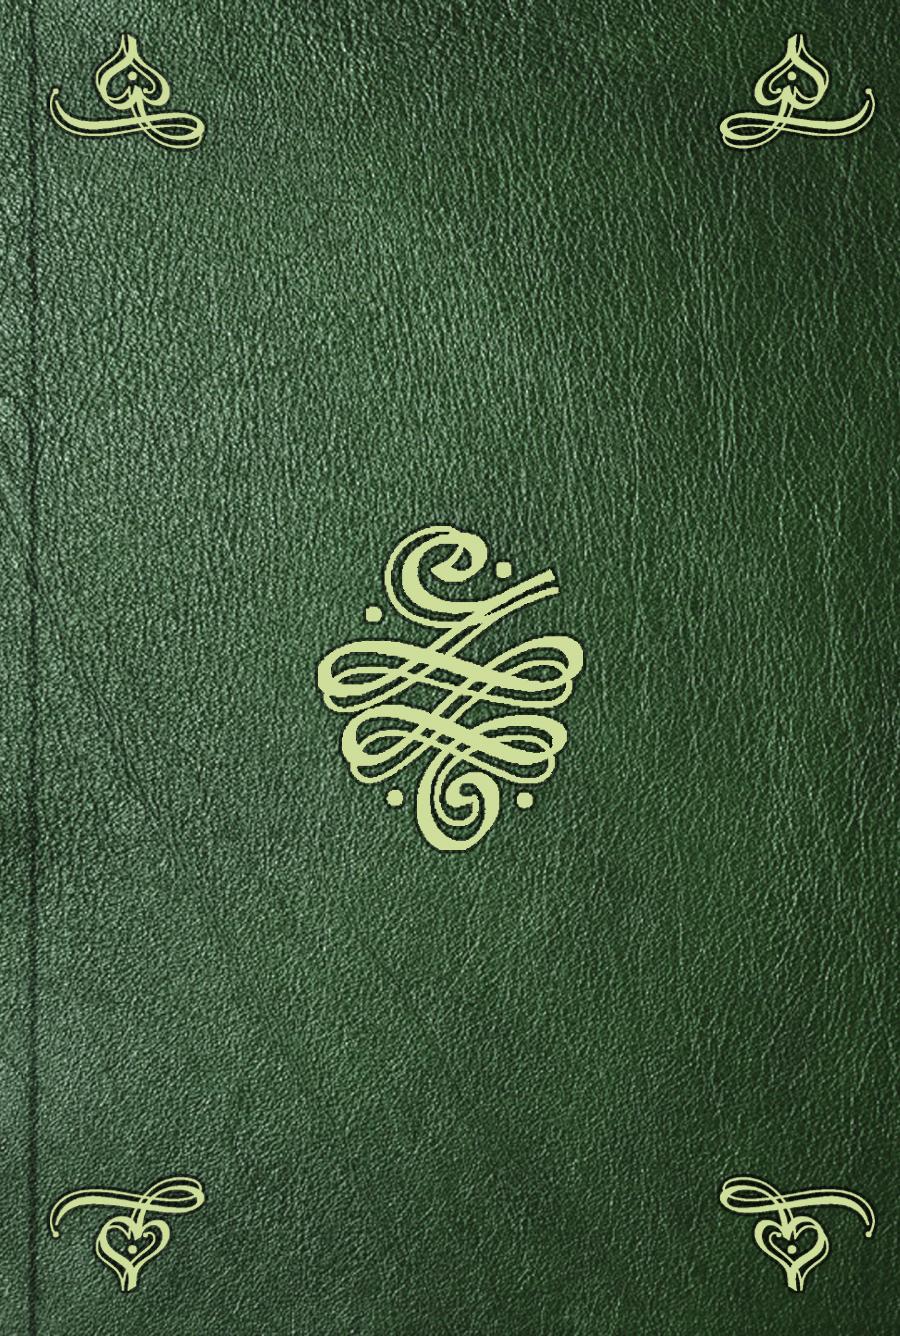 Charles Bonnet Oeuvres d'histoire naturelle et de philosophie. T. 9 charles bonnet oeuvres d histoire naturelle et de philosophie t 16